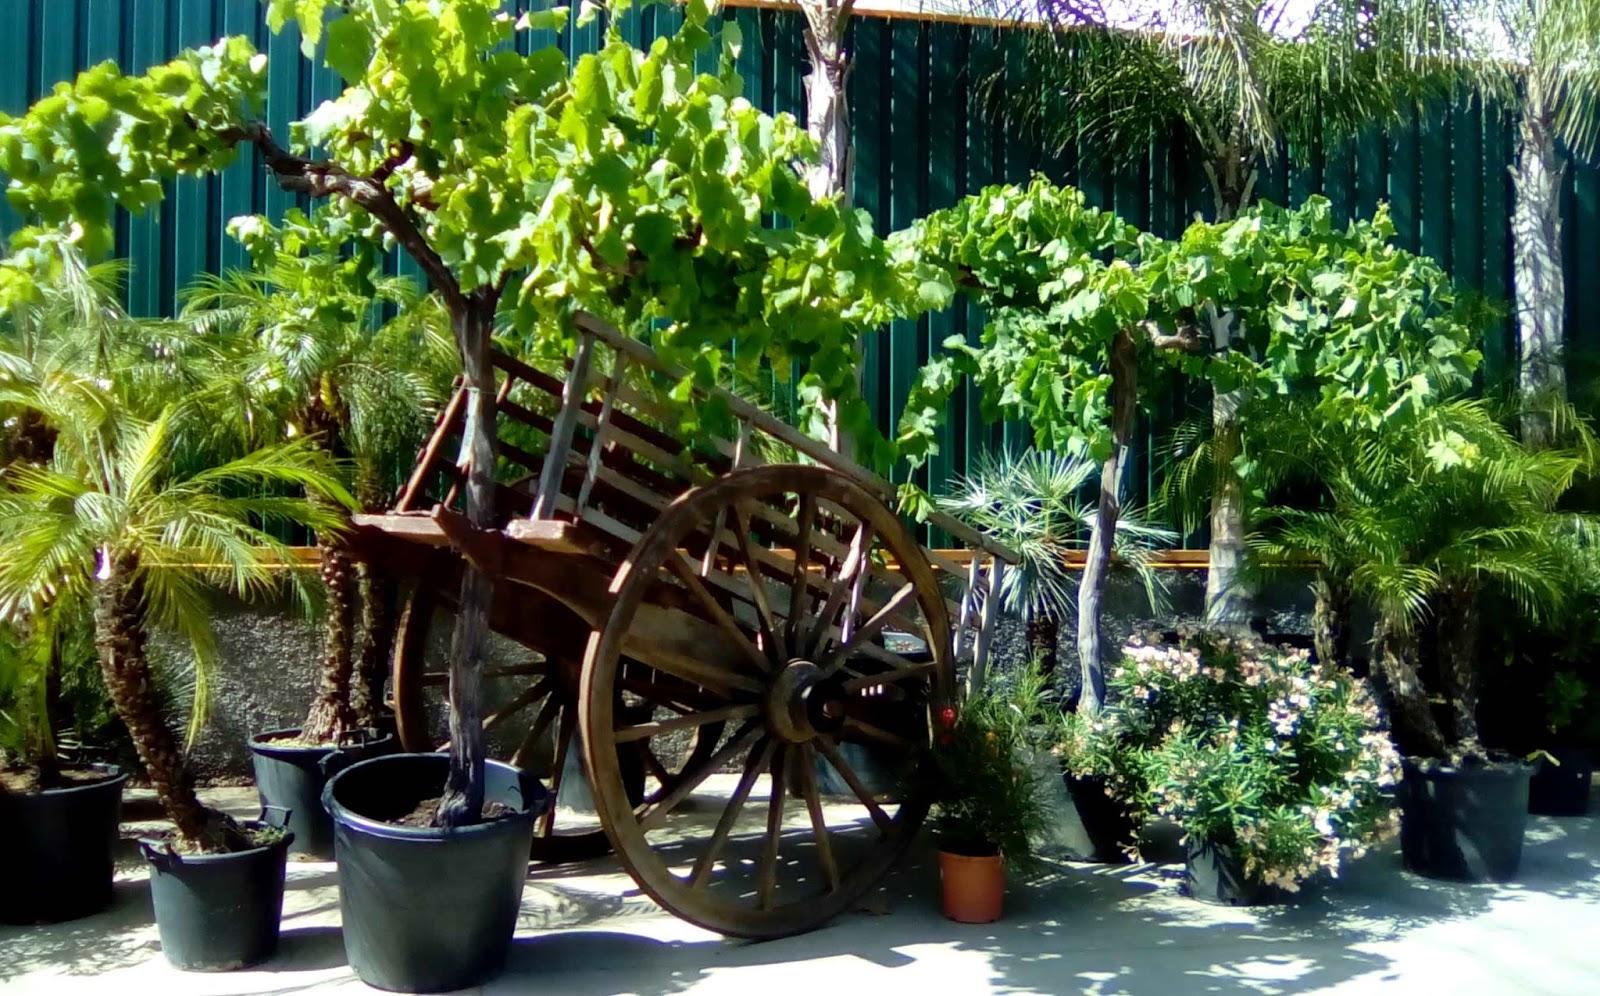 El sello verde de visita por los viveros el lago for Viveros arboles frutales